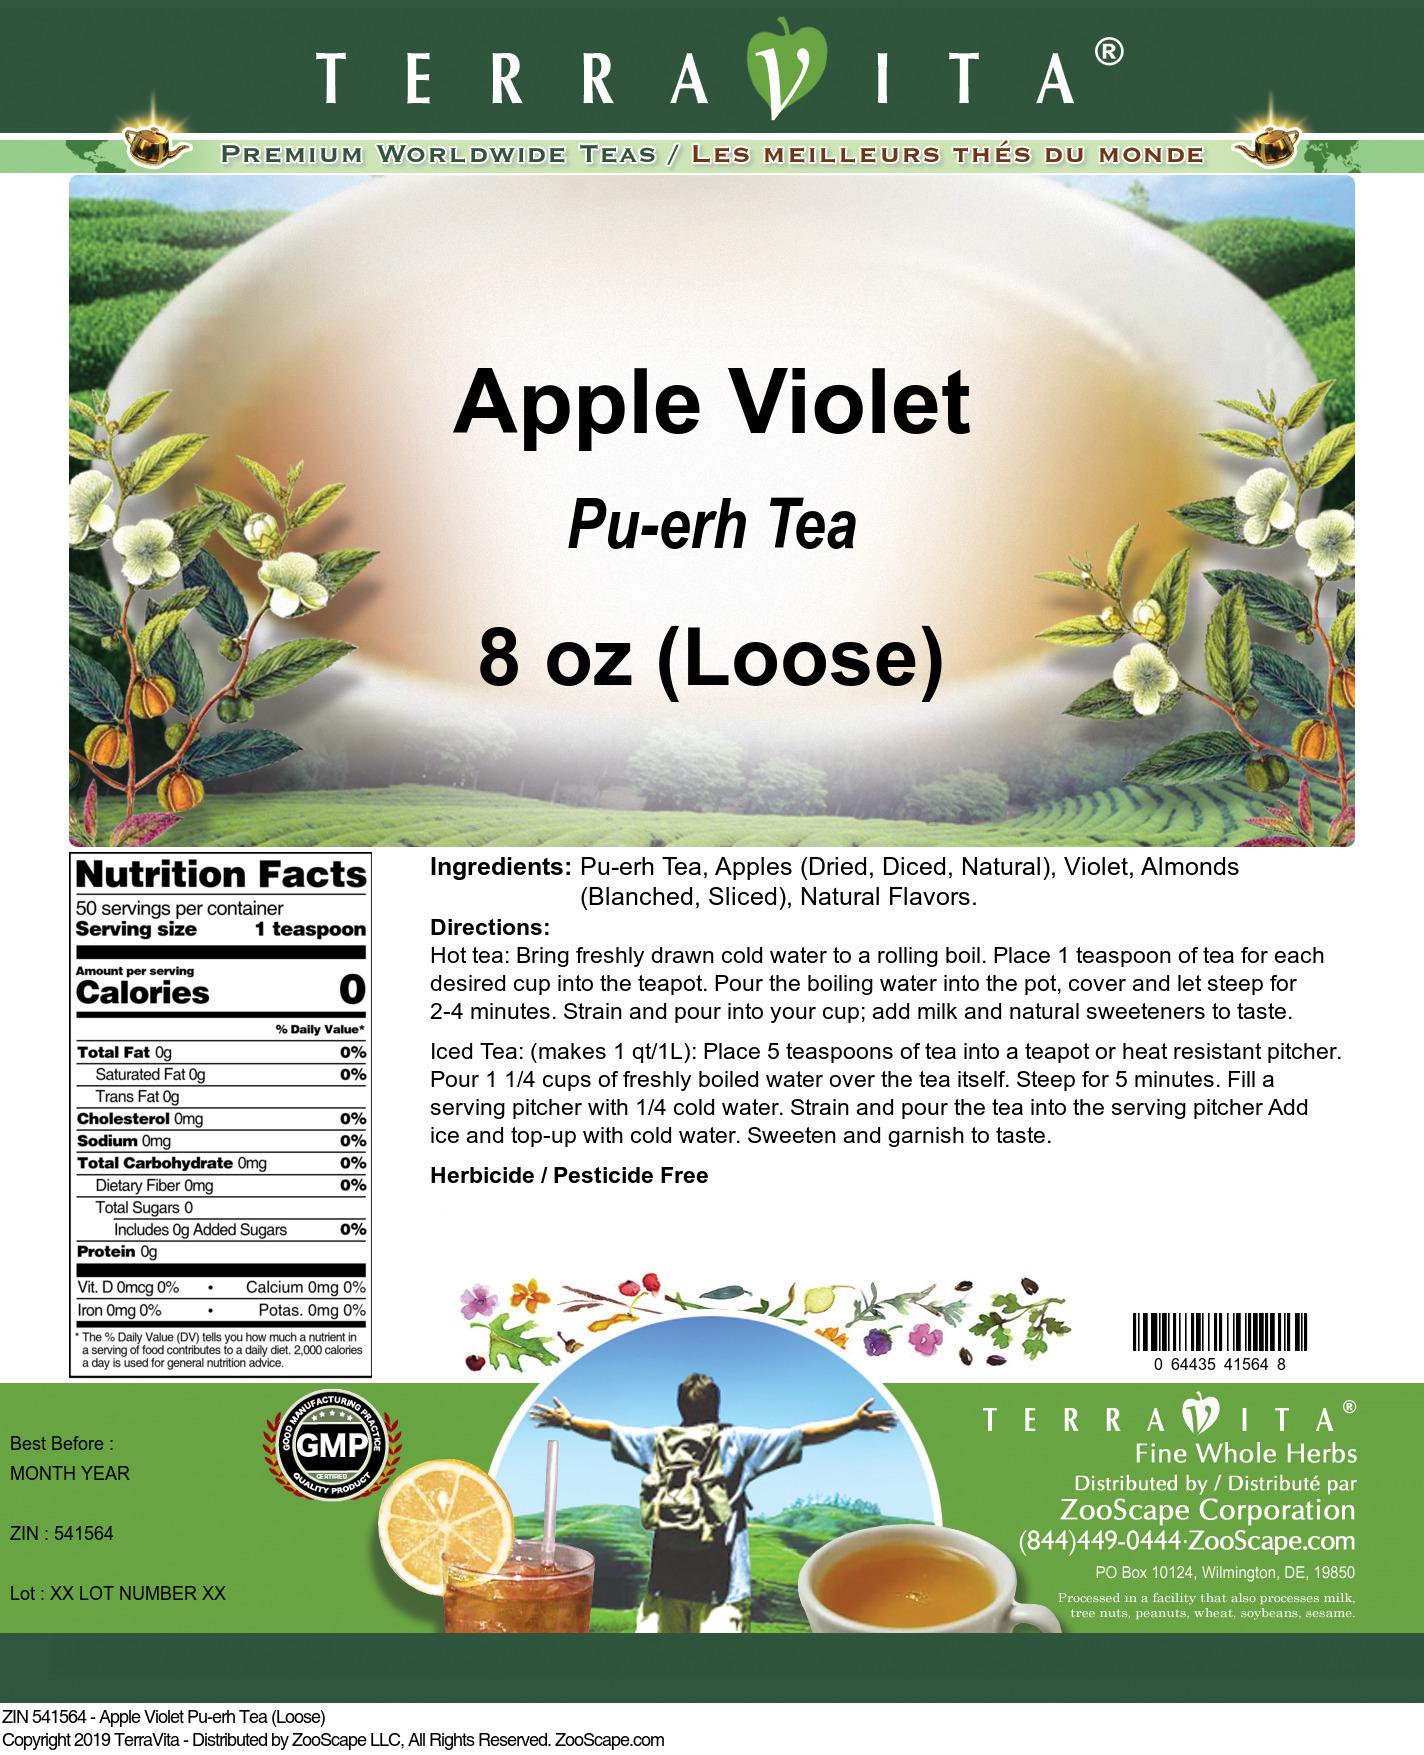 Apple Violet Pu-erh Tea